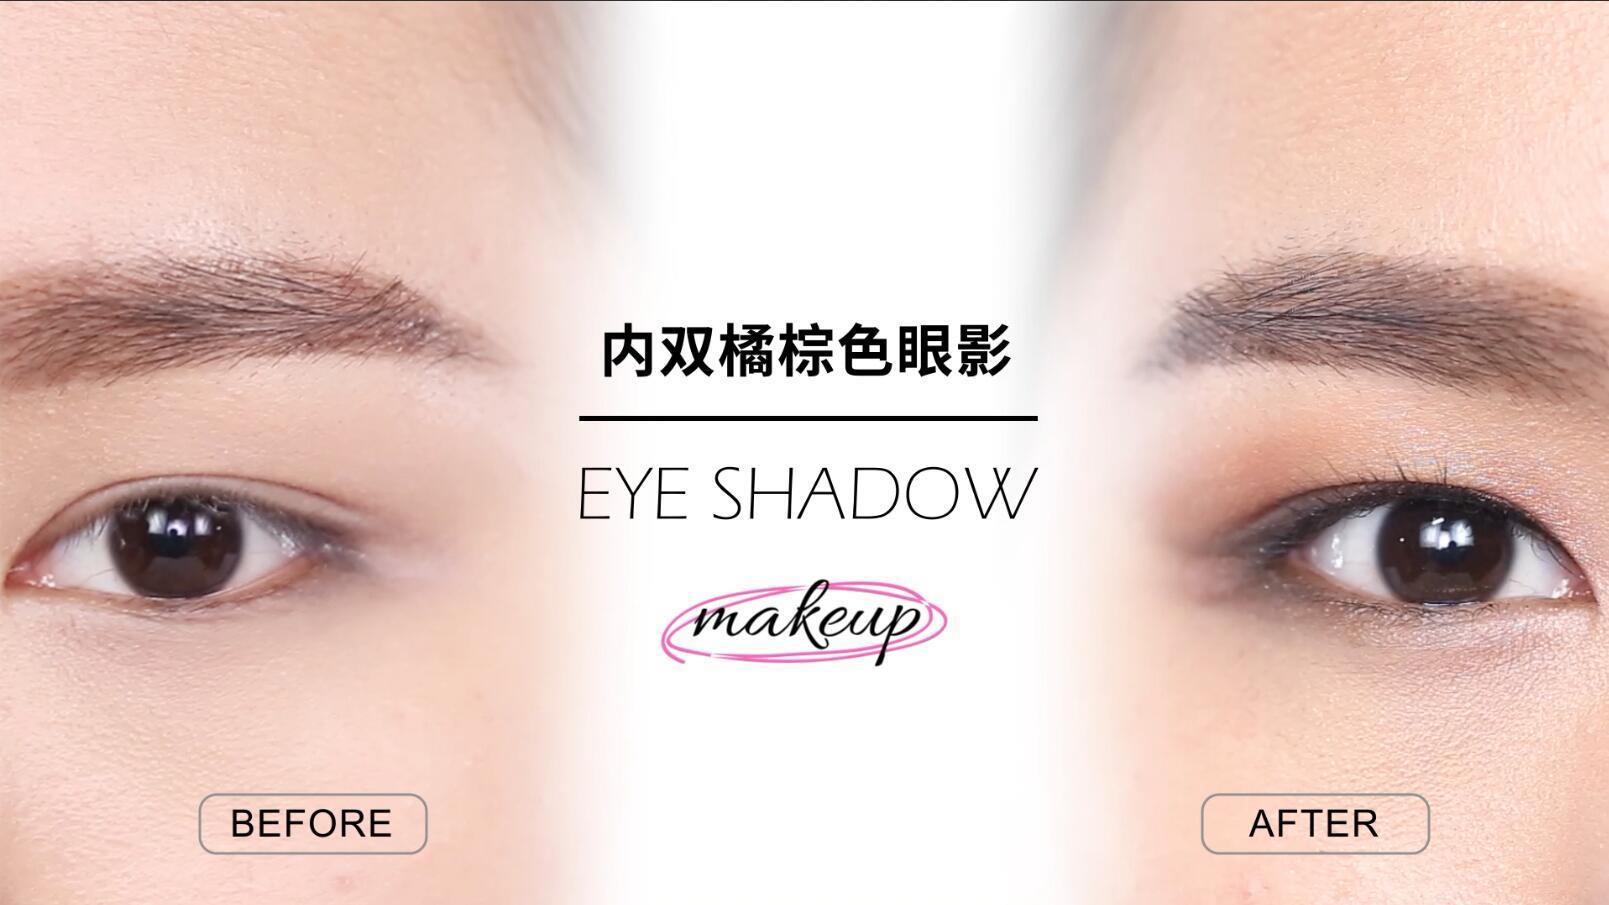 手残党内双女生福音,内双橘棕色眼影化妆技巧让眼睛超显大